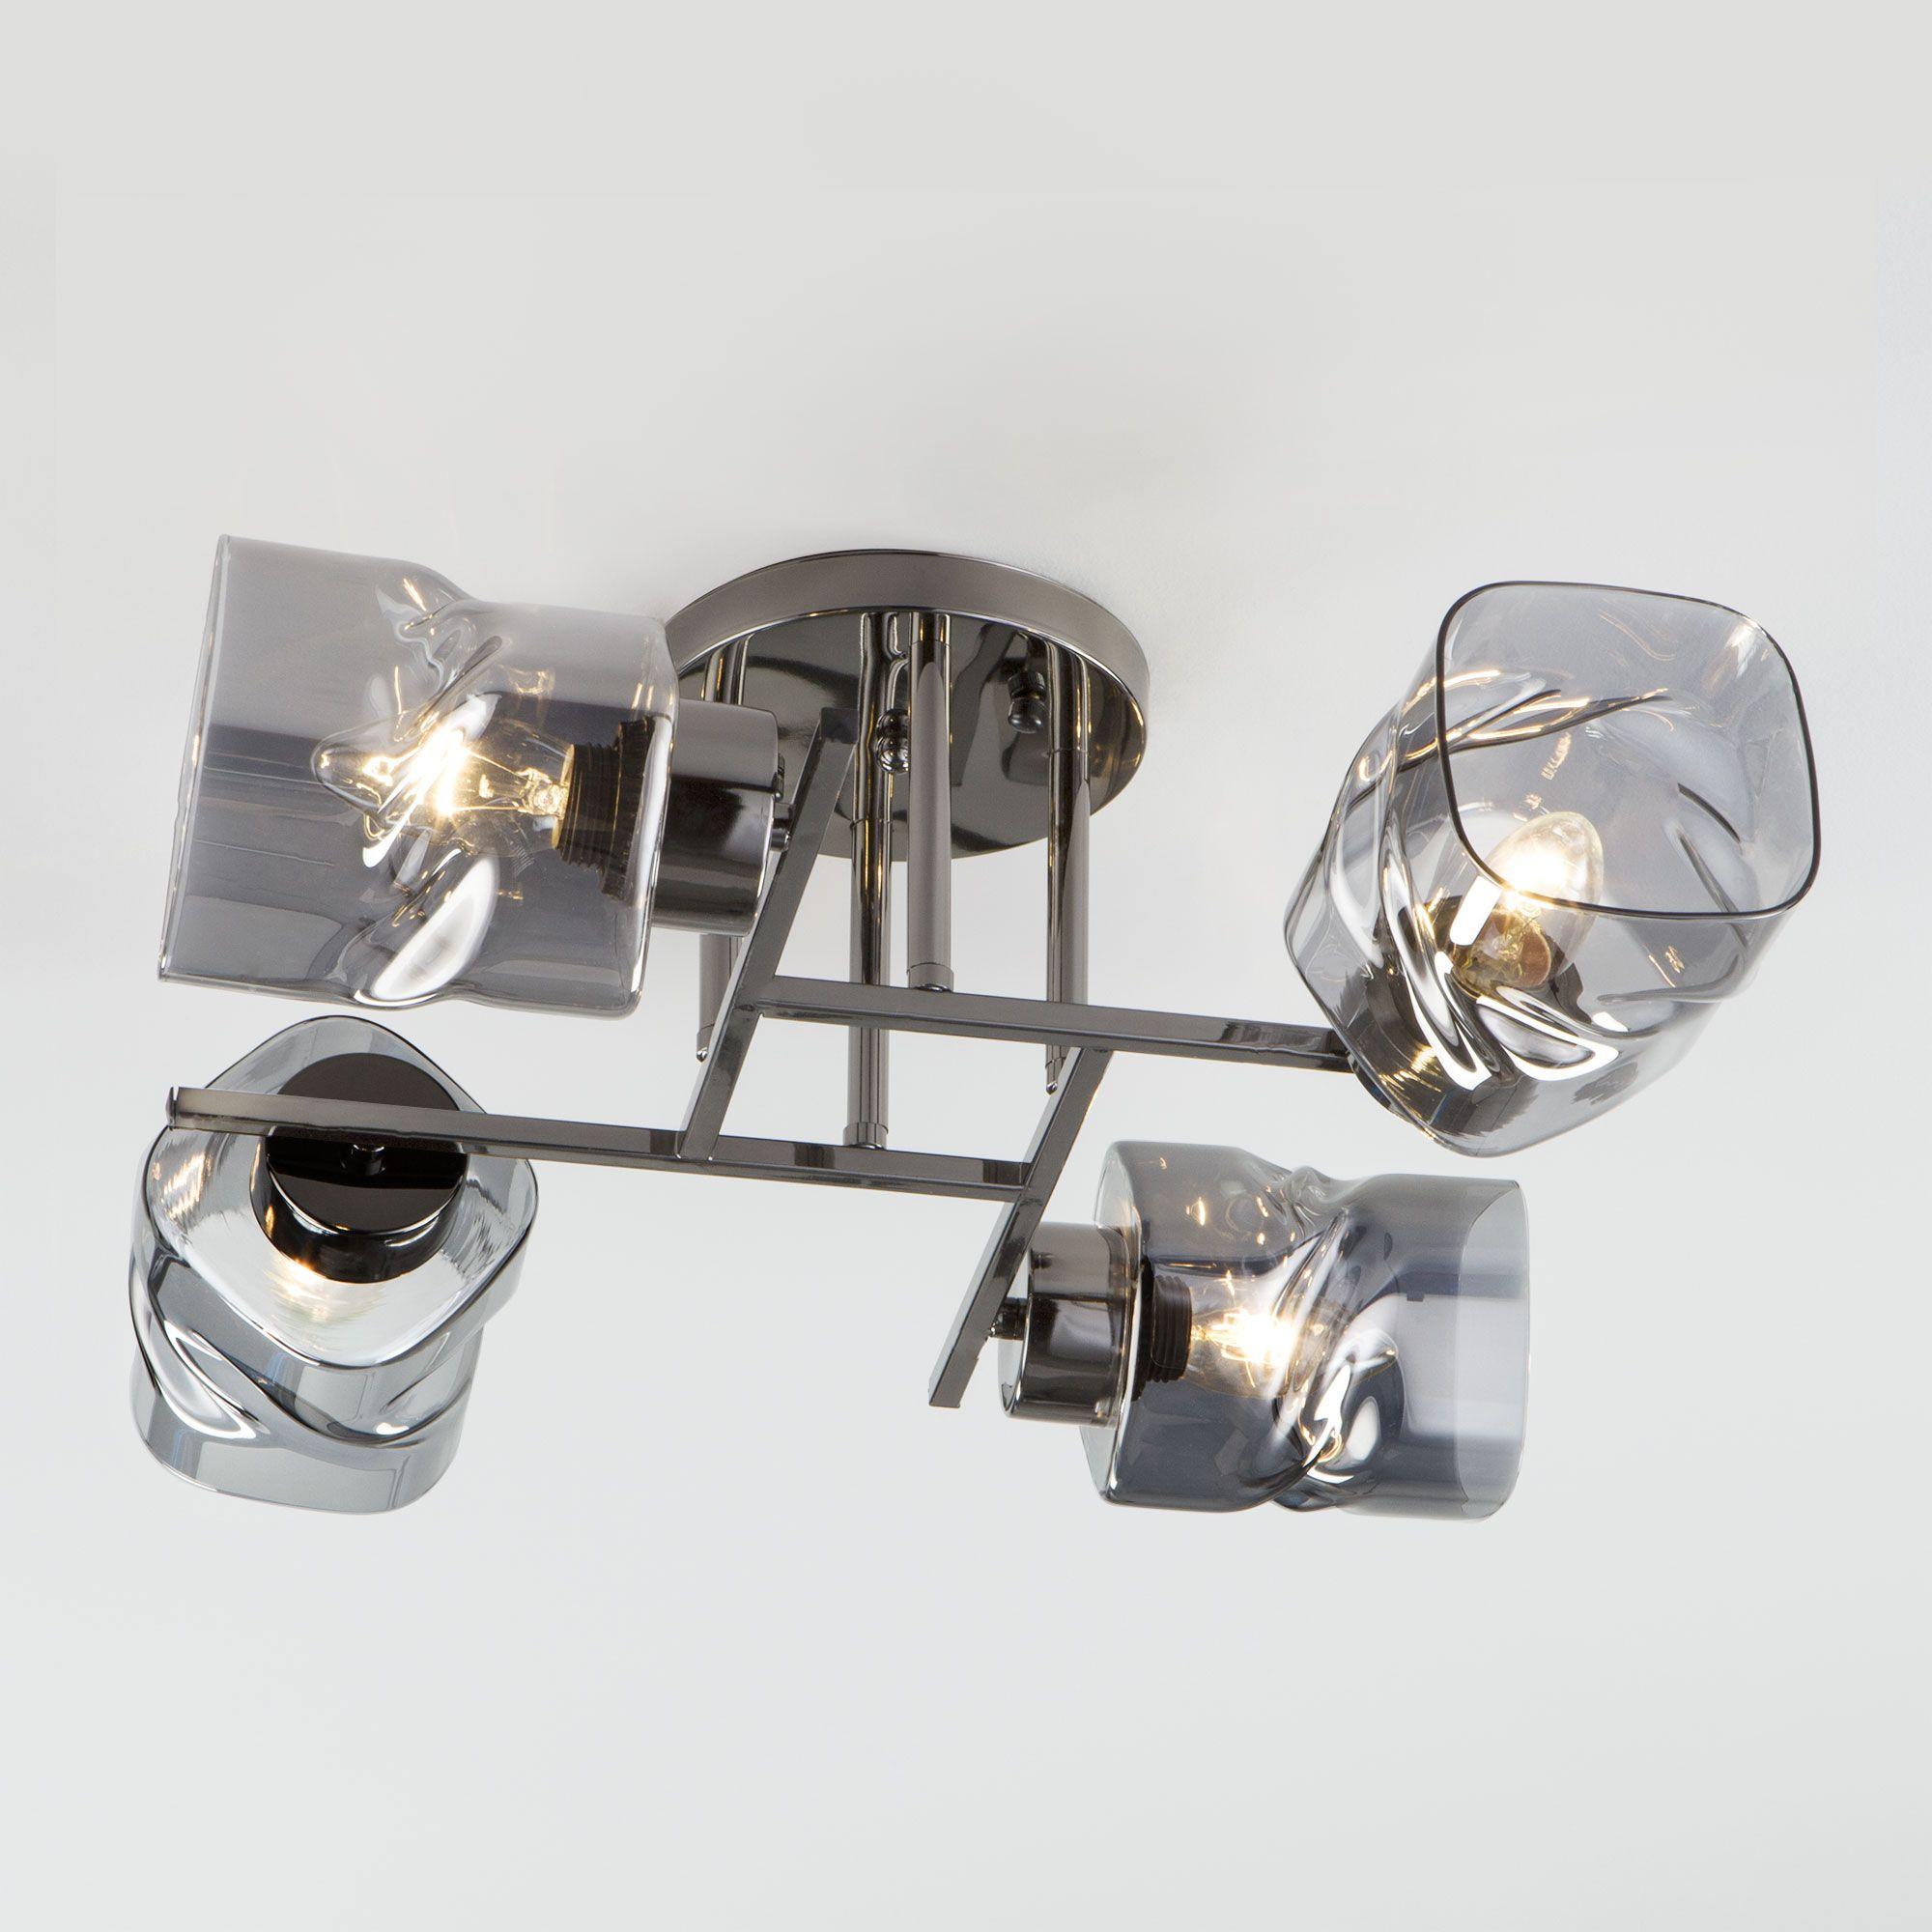 Потолочная люстра со стеклянными плафонами 30165/4 черный жемчуг